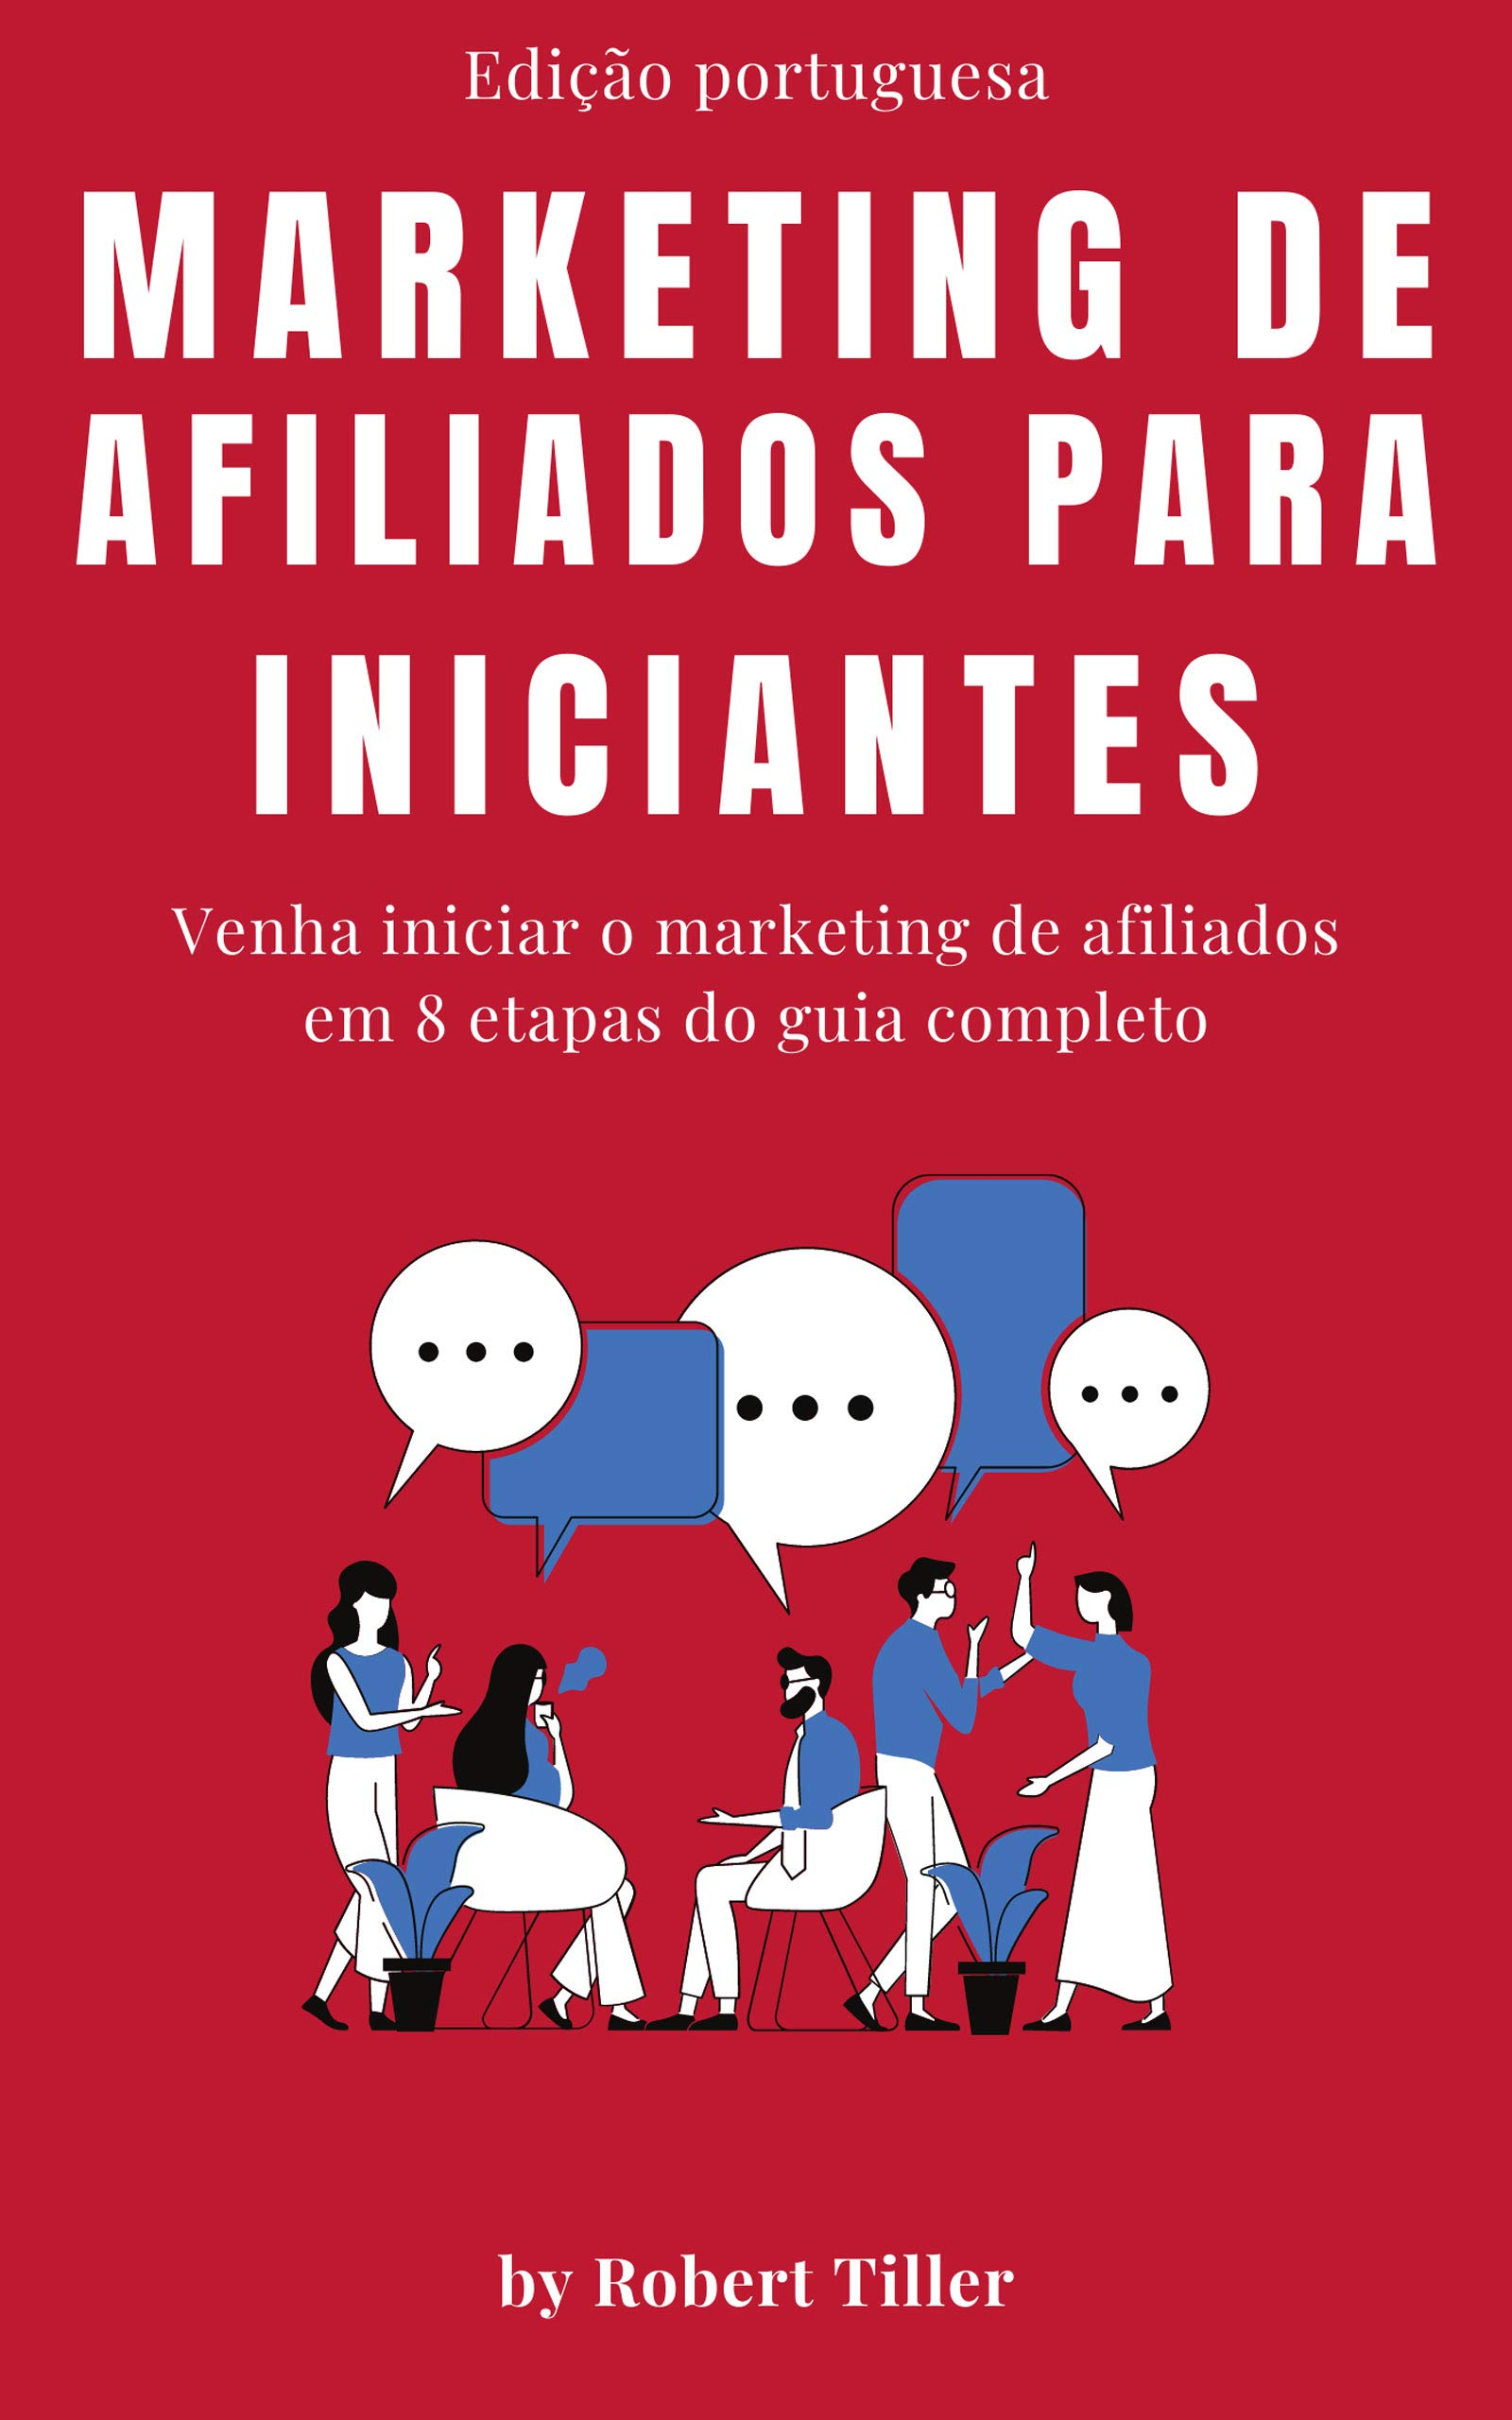 Marketing de afiliados para iniciantes: Guia completo de como iniciar o marketing de afiliados em 8 etapas (Portuguese Edition)